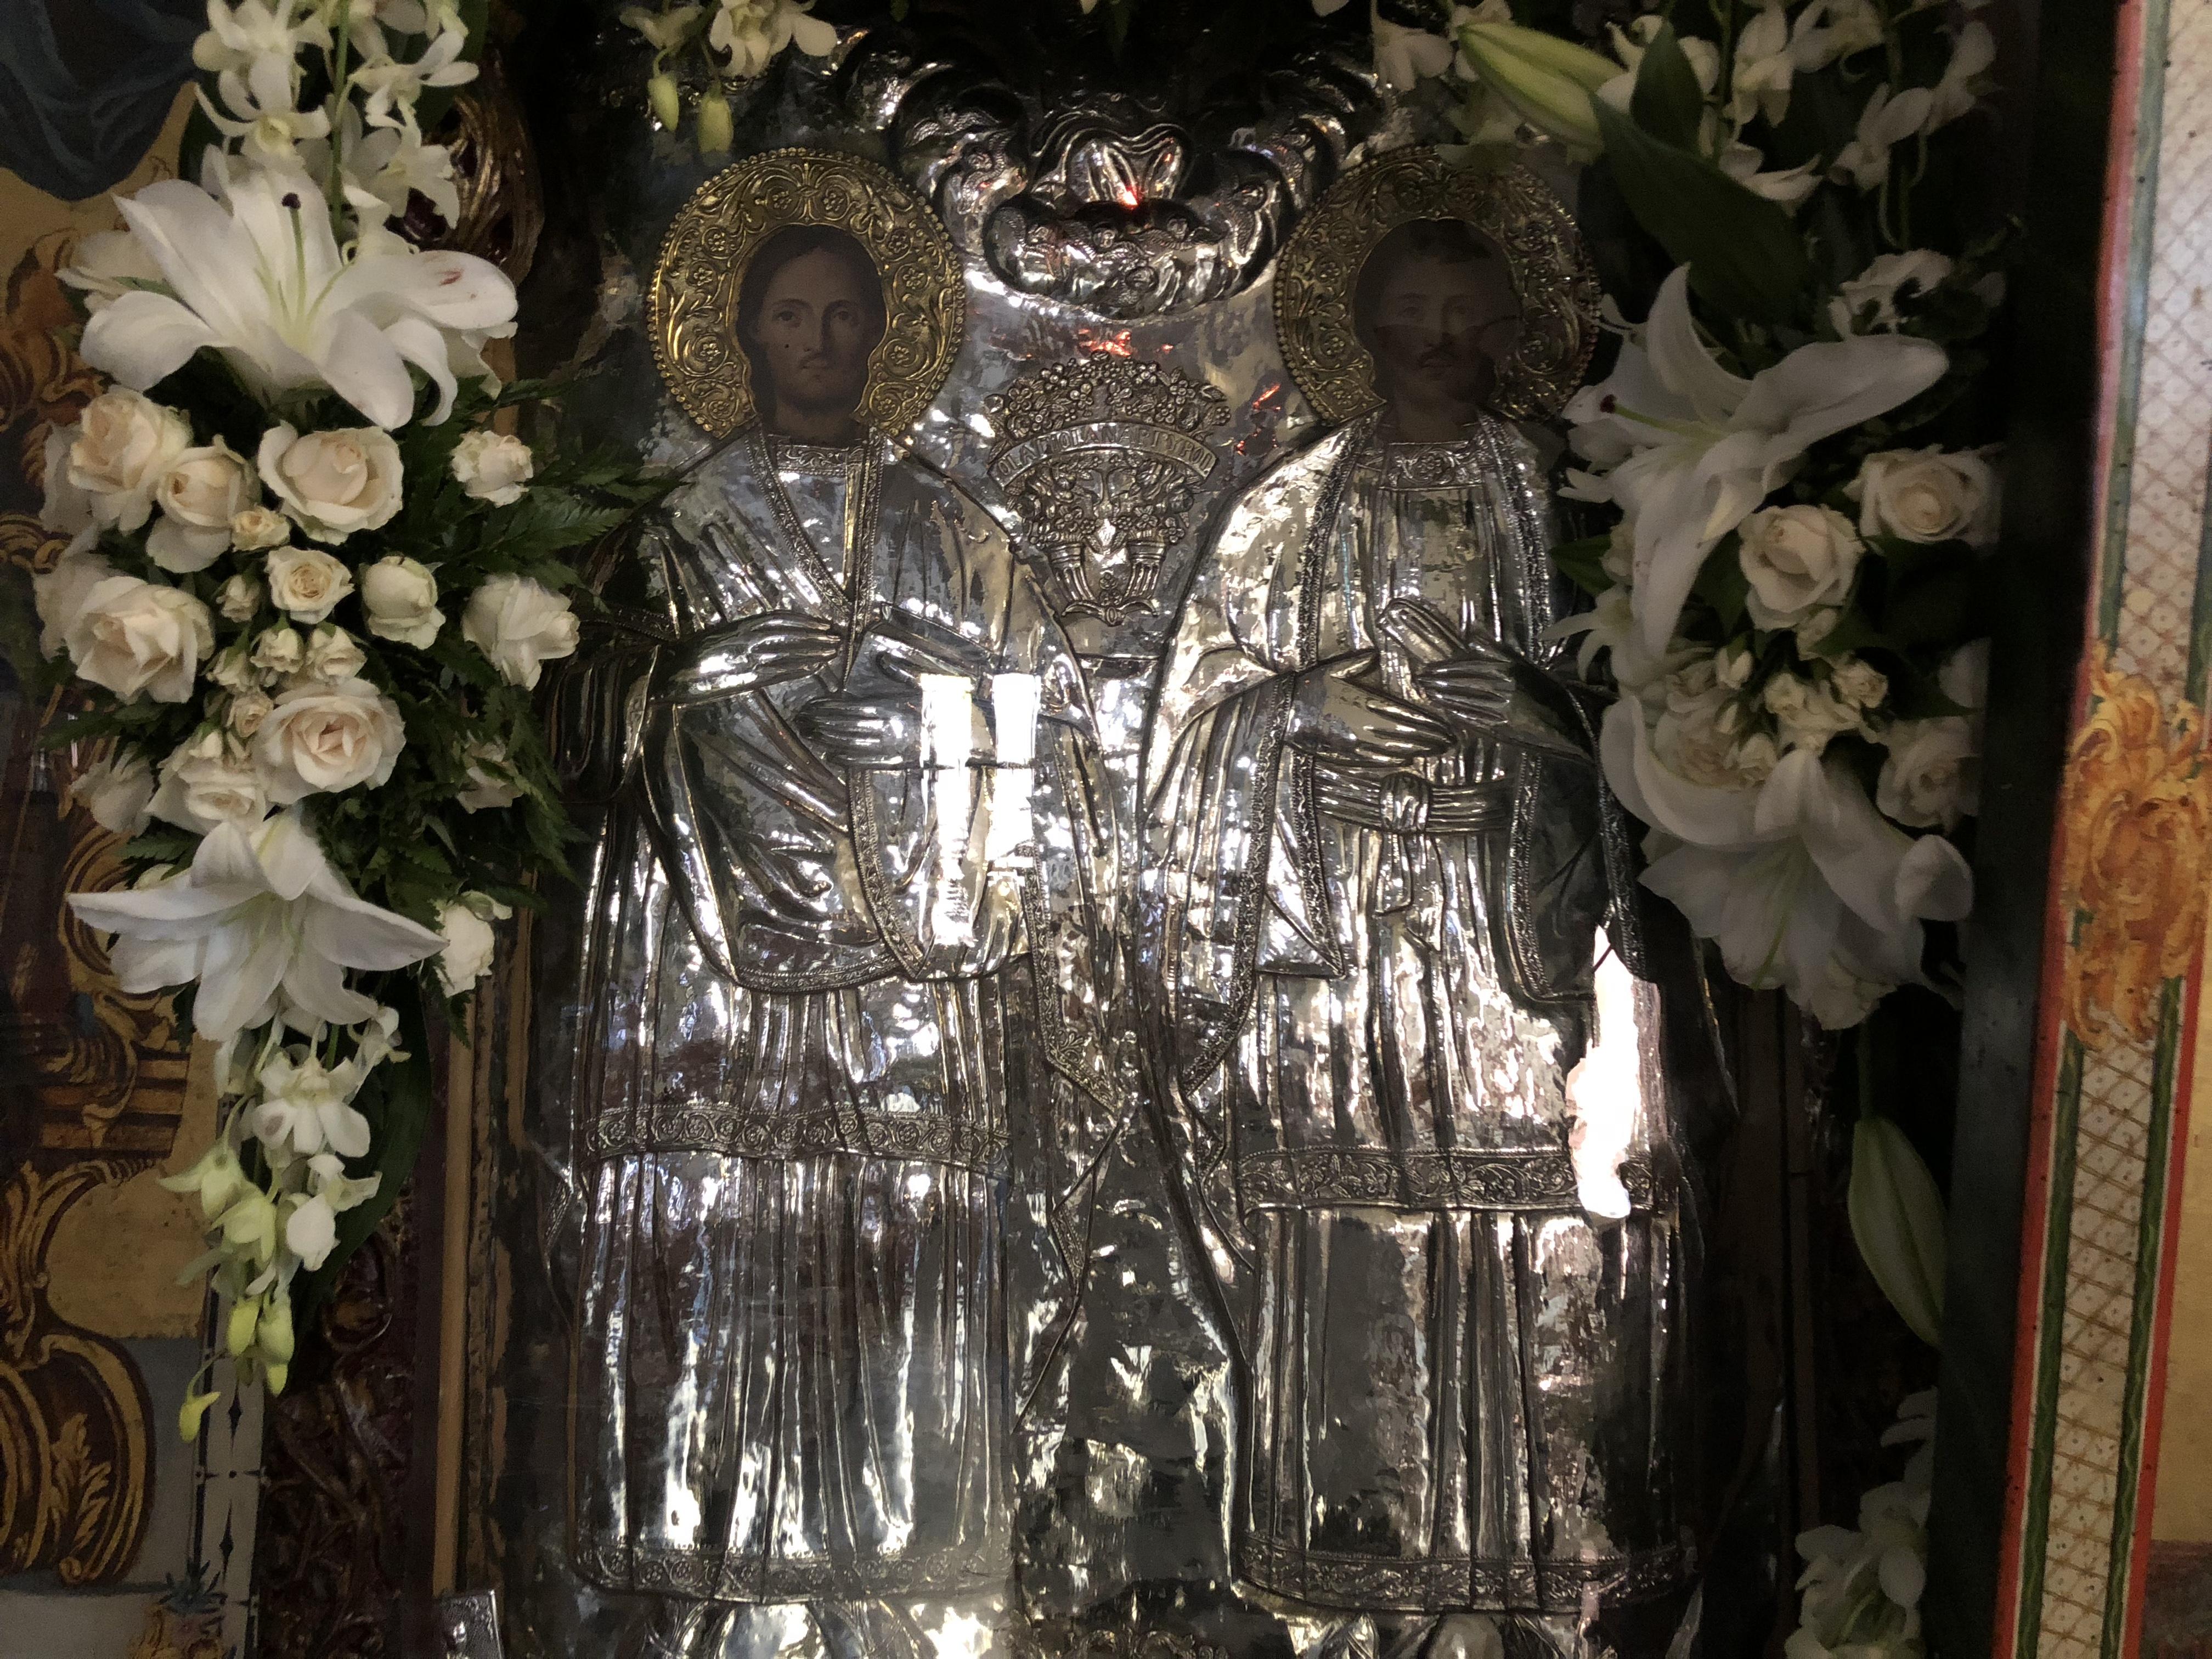 Ζωντανή σύνδεση με τον Ιερό Ναό Αγίων Αναργύρων